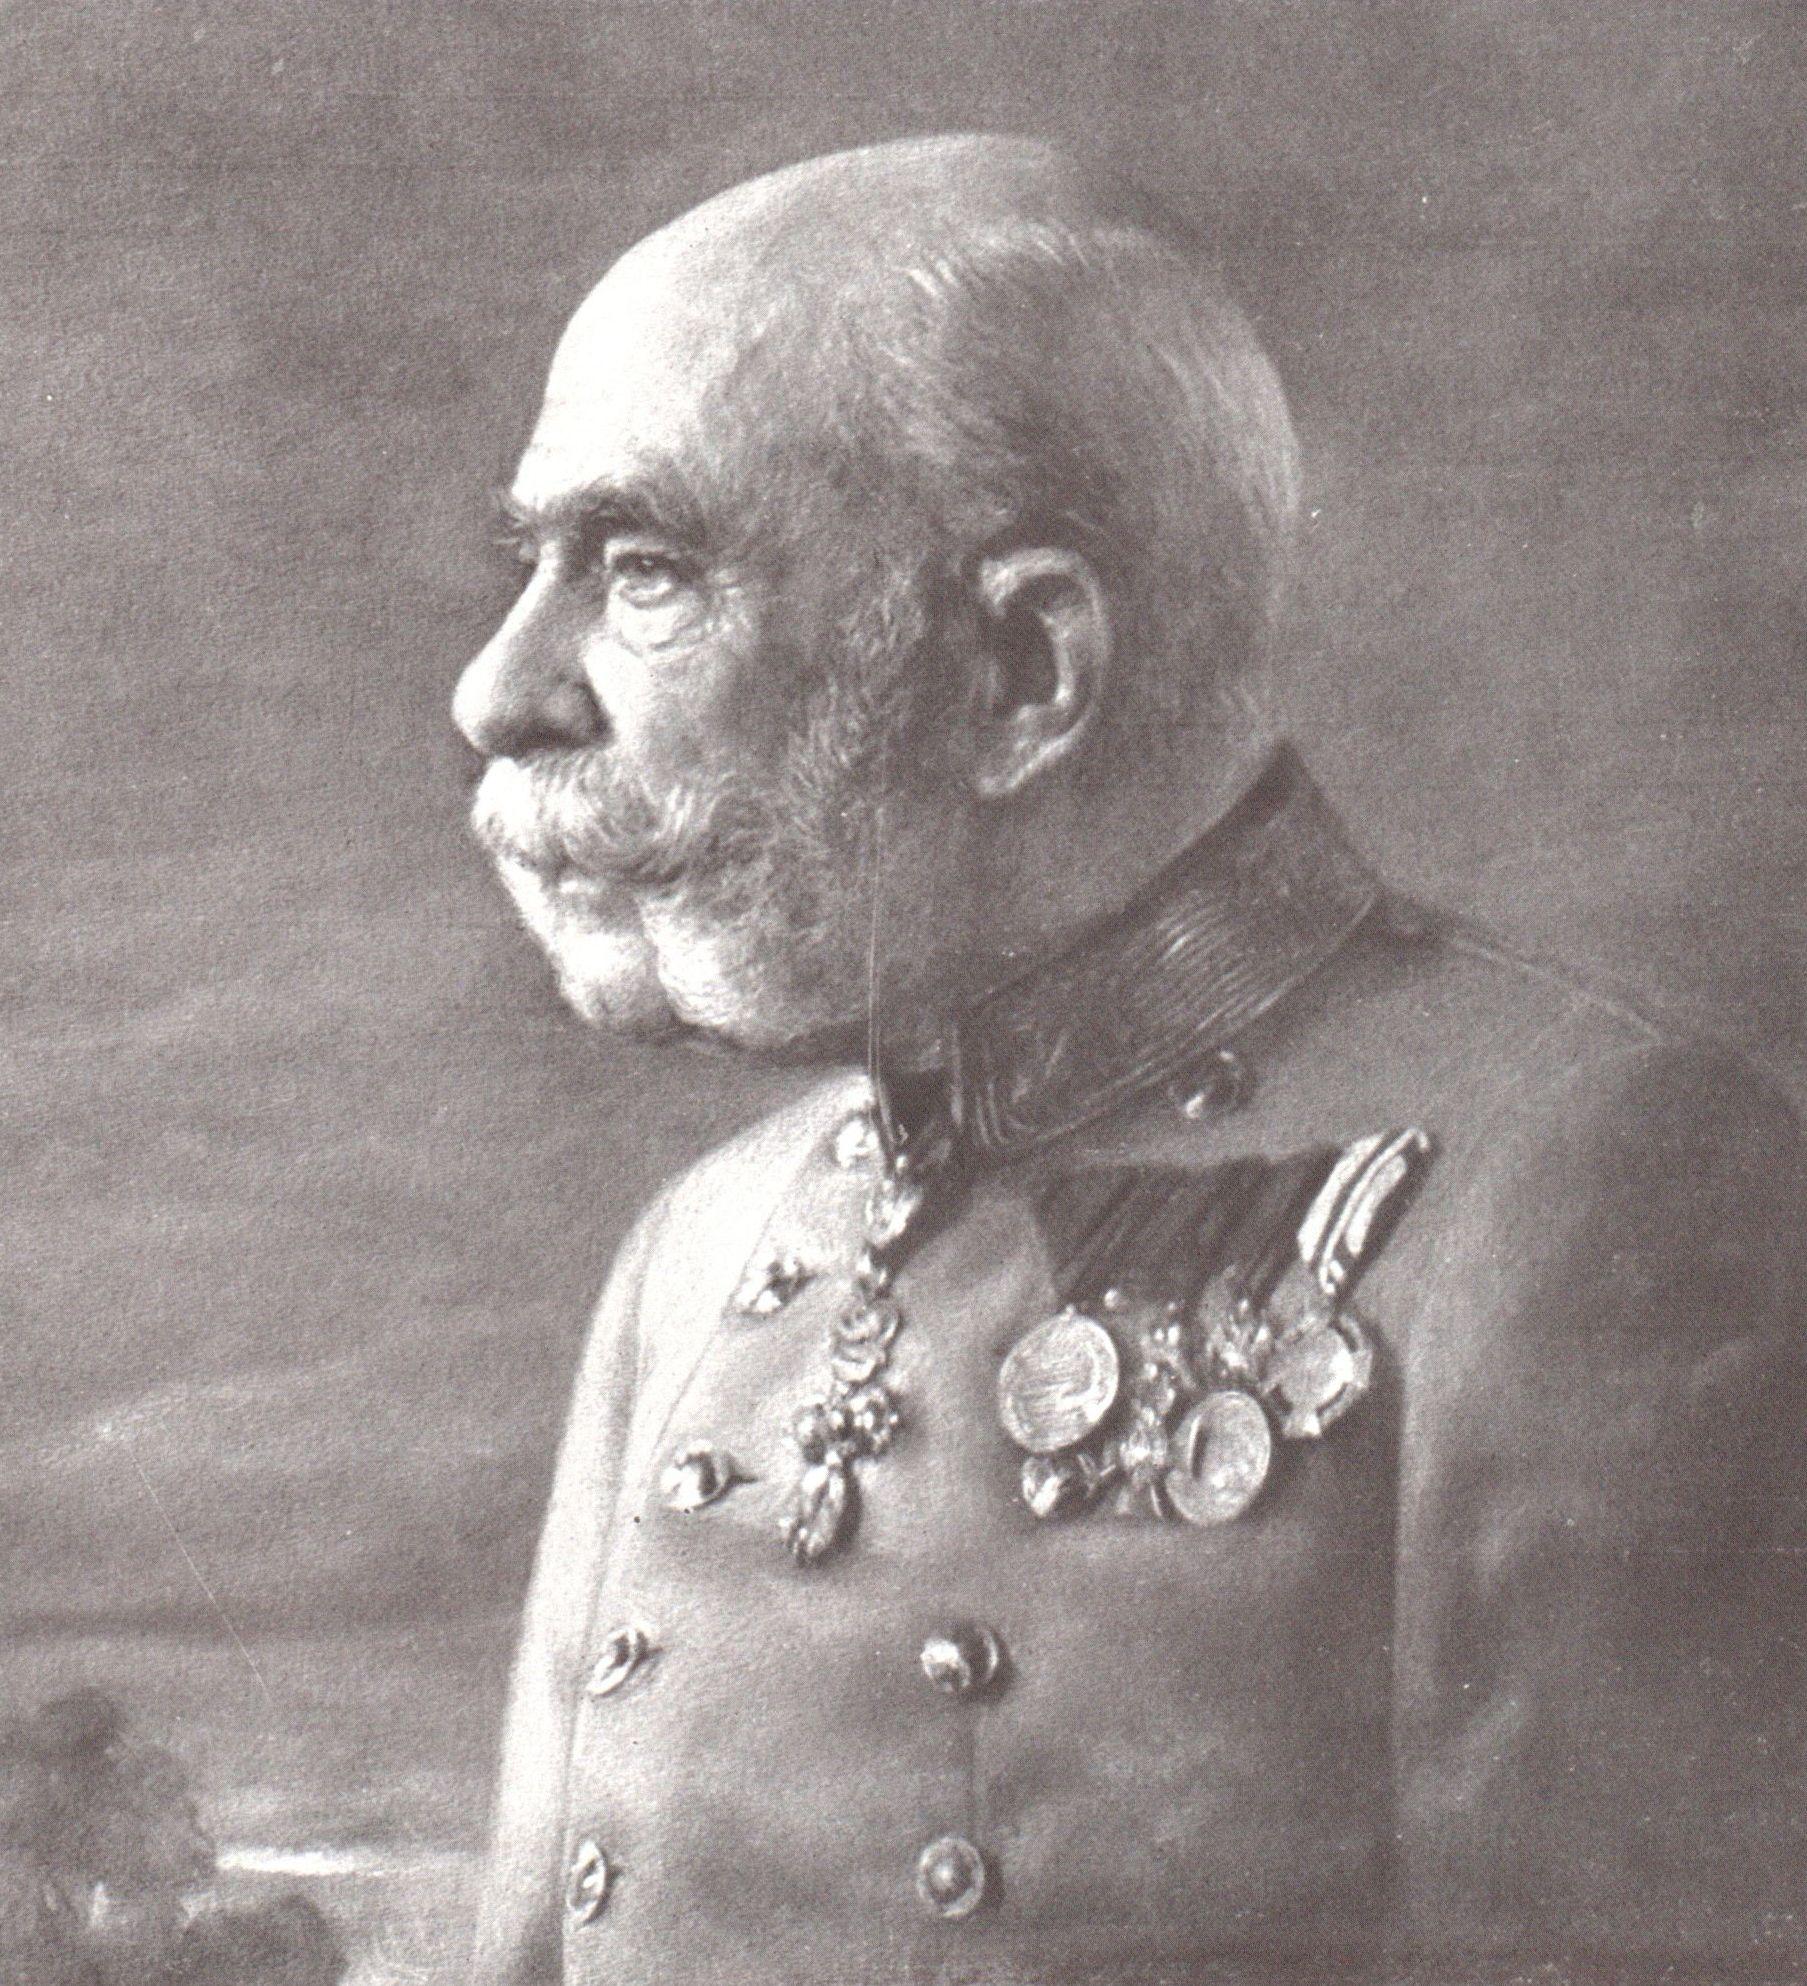 Jedno z ostatnich zdjęć cesarza (i niedoszłego króla Polski?) Franciszka Józefa I, autorstwa Carla Pietznera.